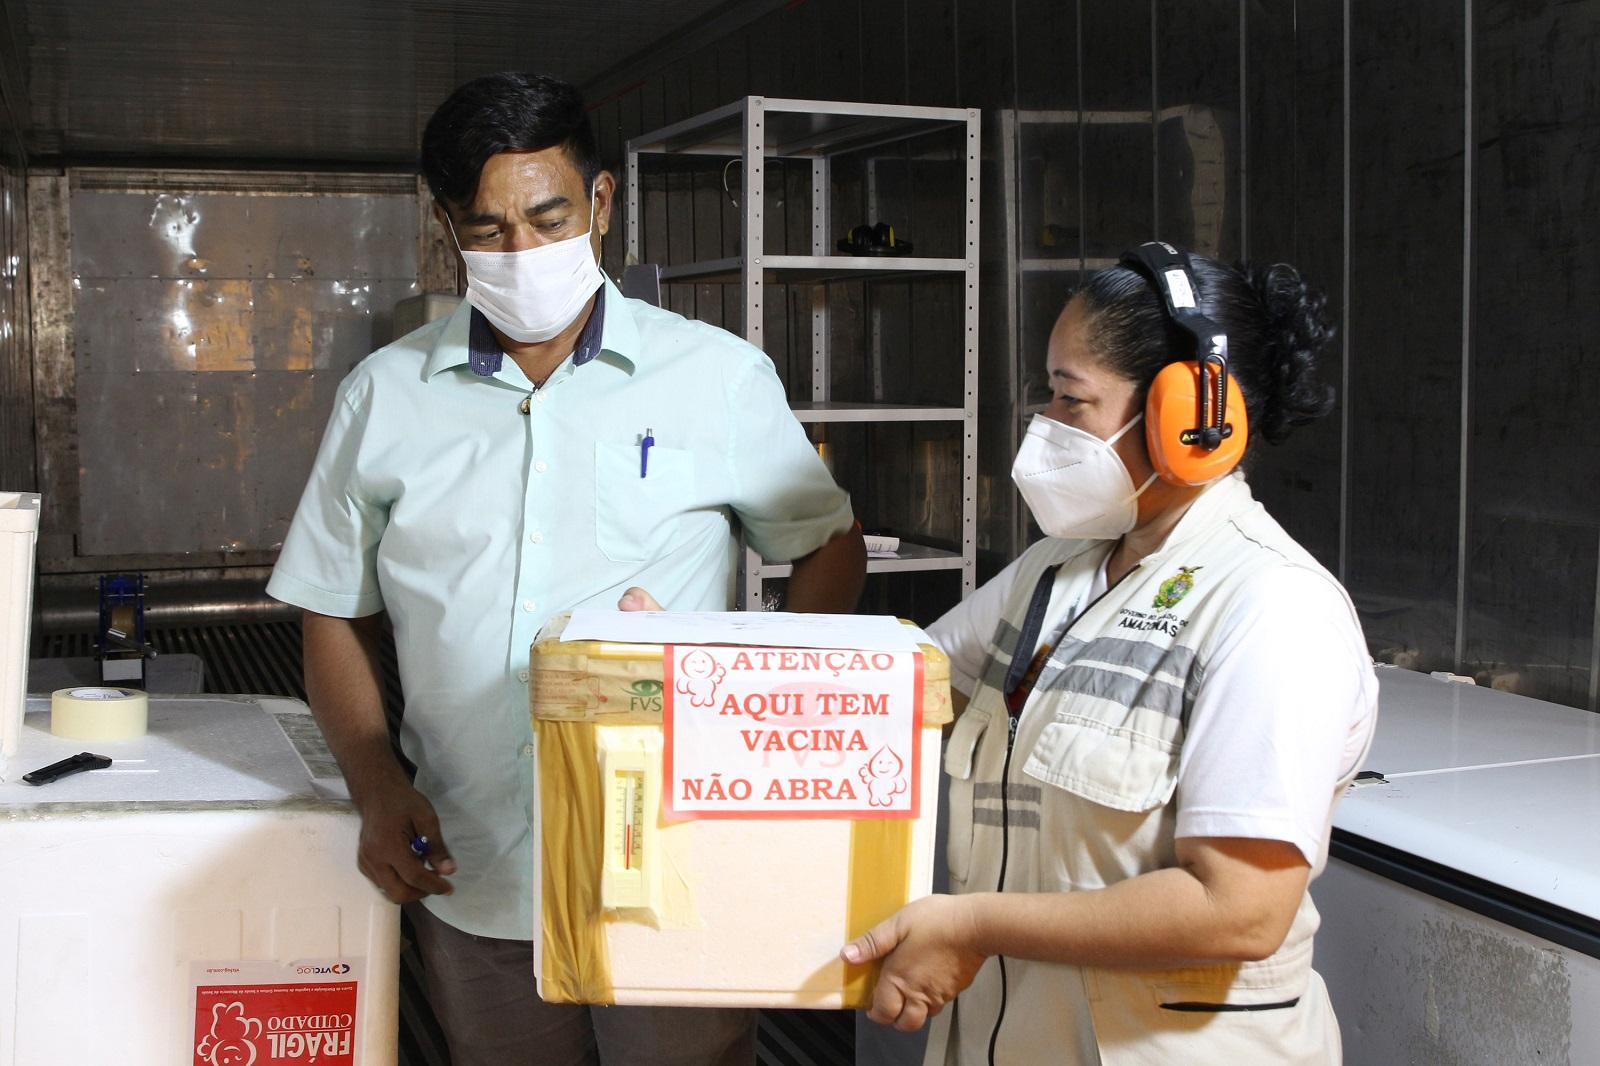 Governo do Amazonas inicia distribuição de novas doses de vacina para o interior